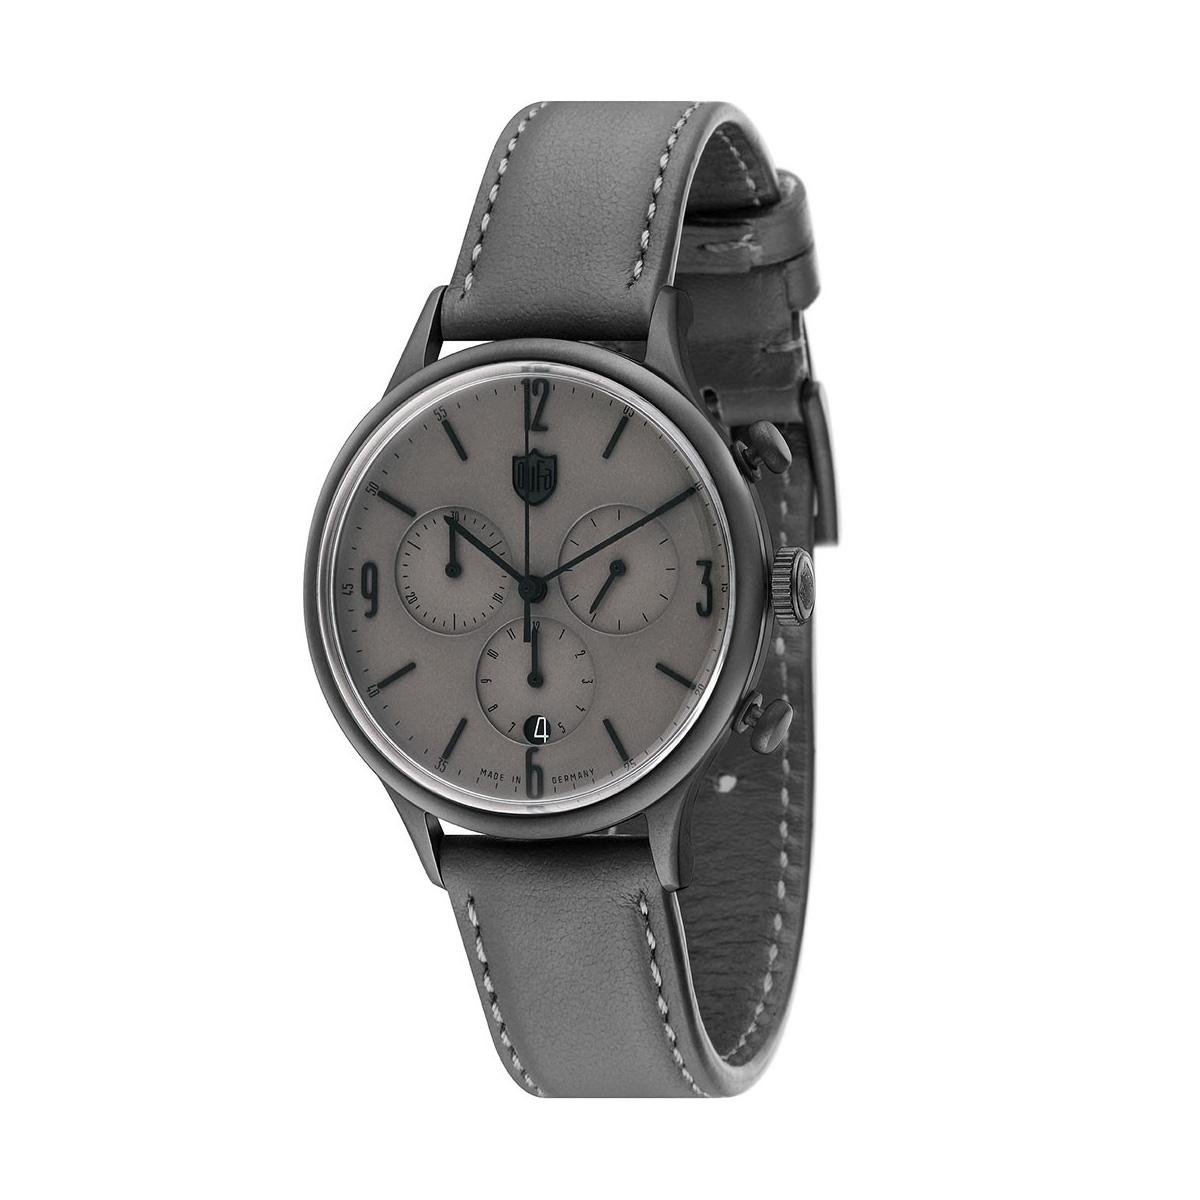 【全品】 DUFA ドゥッファ DF-9002-0c VAN DER ROHE 時計 腕時計 メンズ レディース 男性 女性 ネイビー おしゃれ プレゼント 贈り物 ギフト ドイツ バウハウス[あす楽]:セレクトショップ NUMBER11